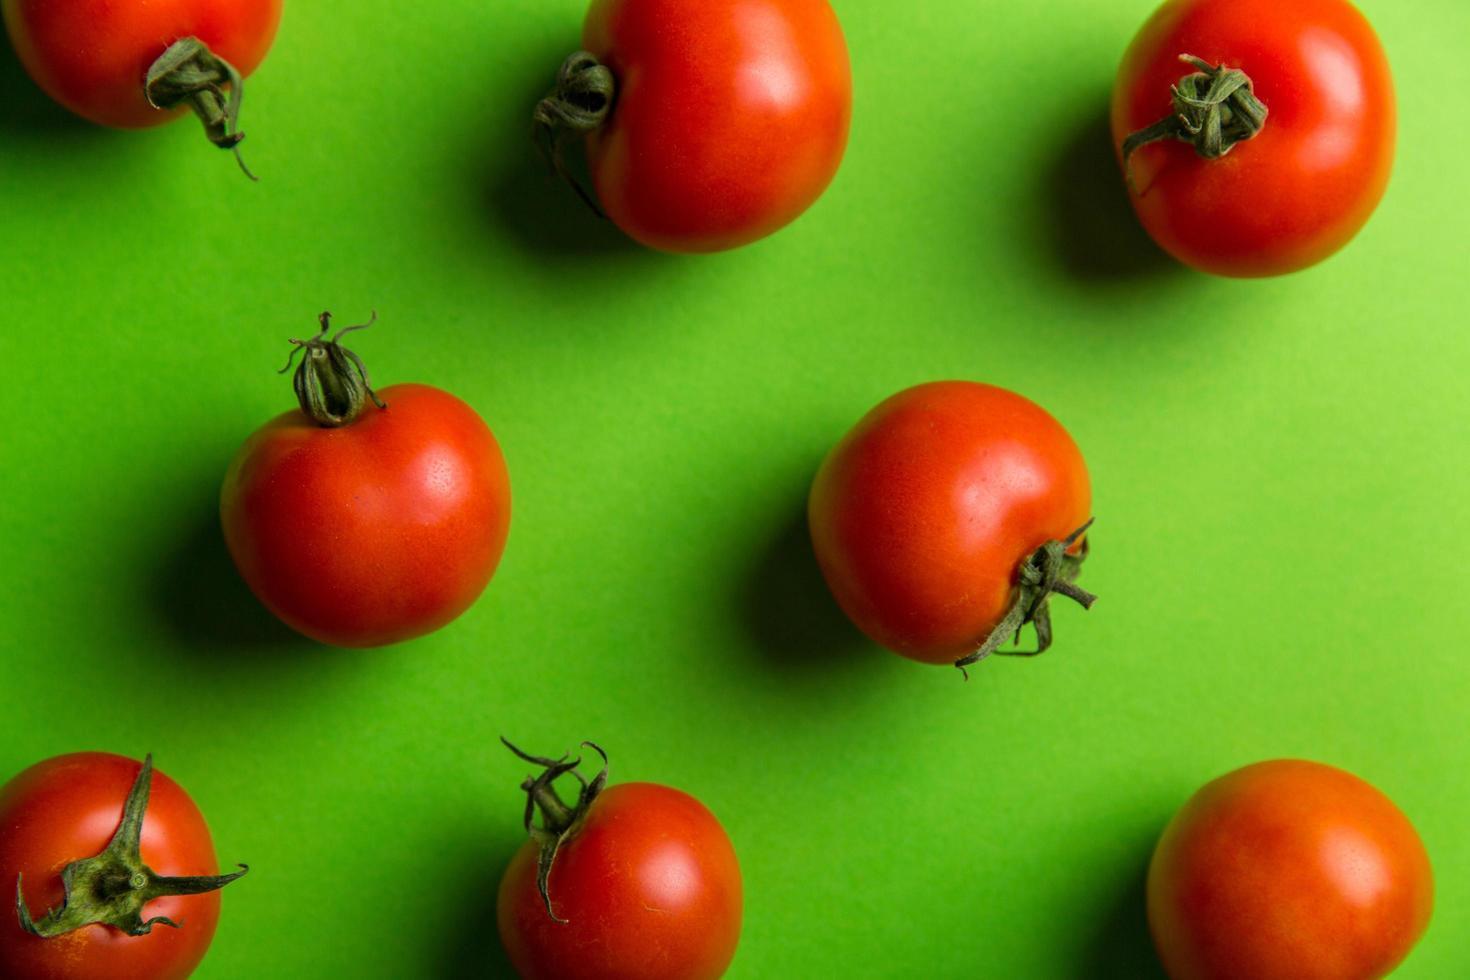 tomates maduros sobre fundo verde foto